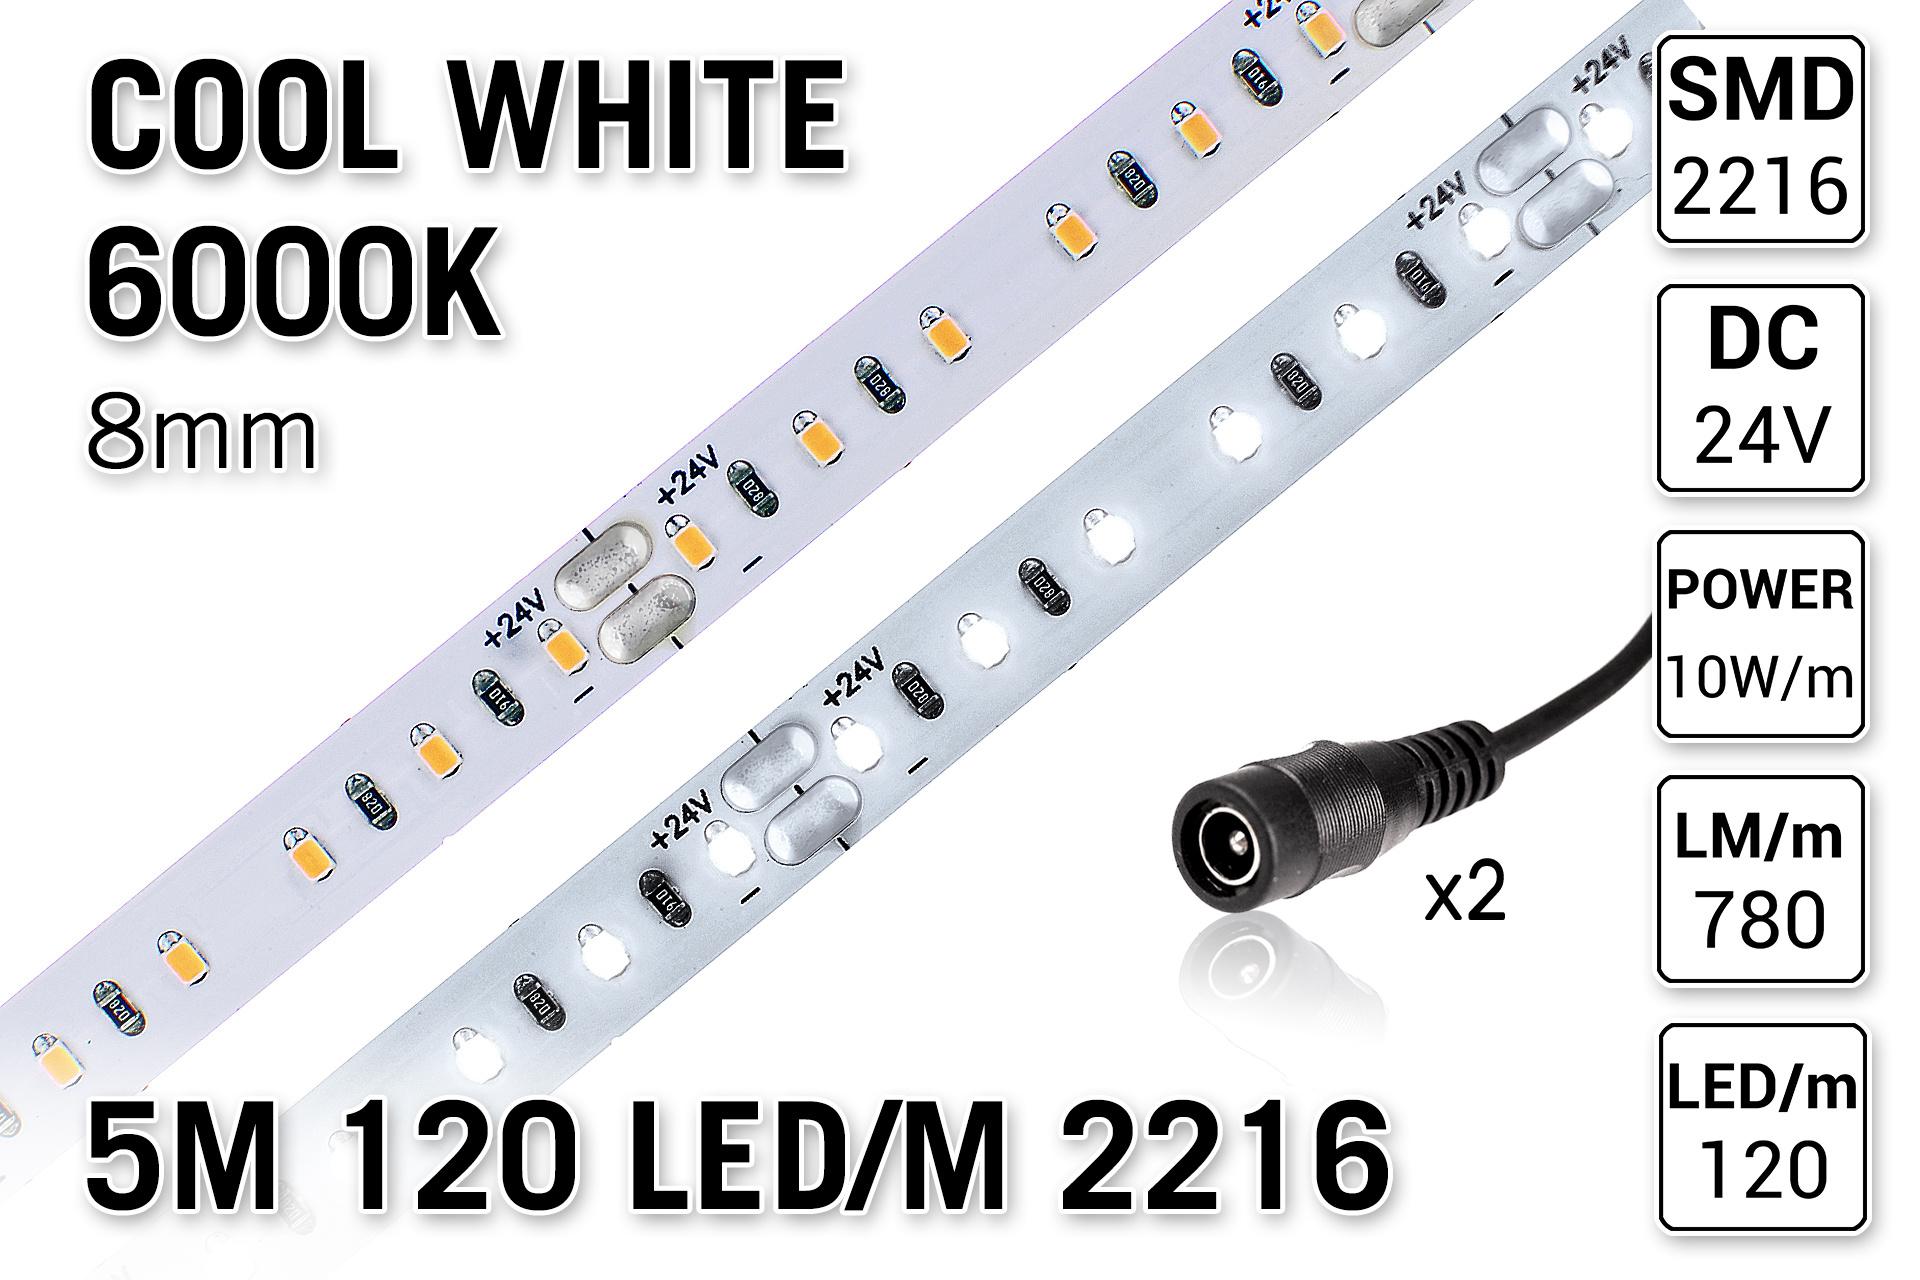 AppLamp ProLine PRO LINE Koel Wit Led Strip | 5m 120 Leds pm Type 2216 24V Losse Strip